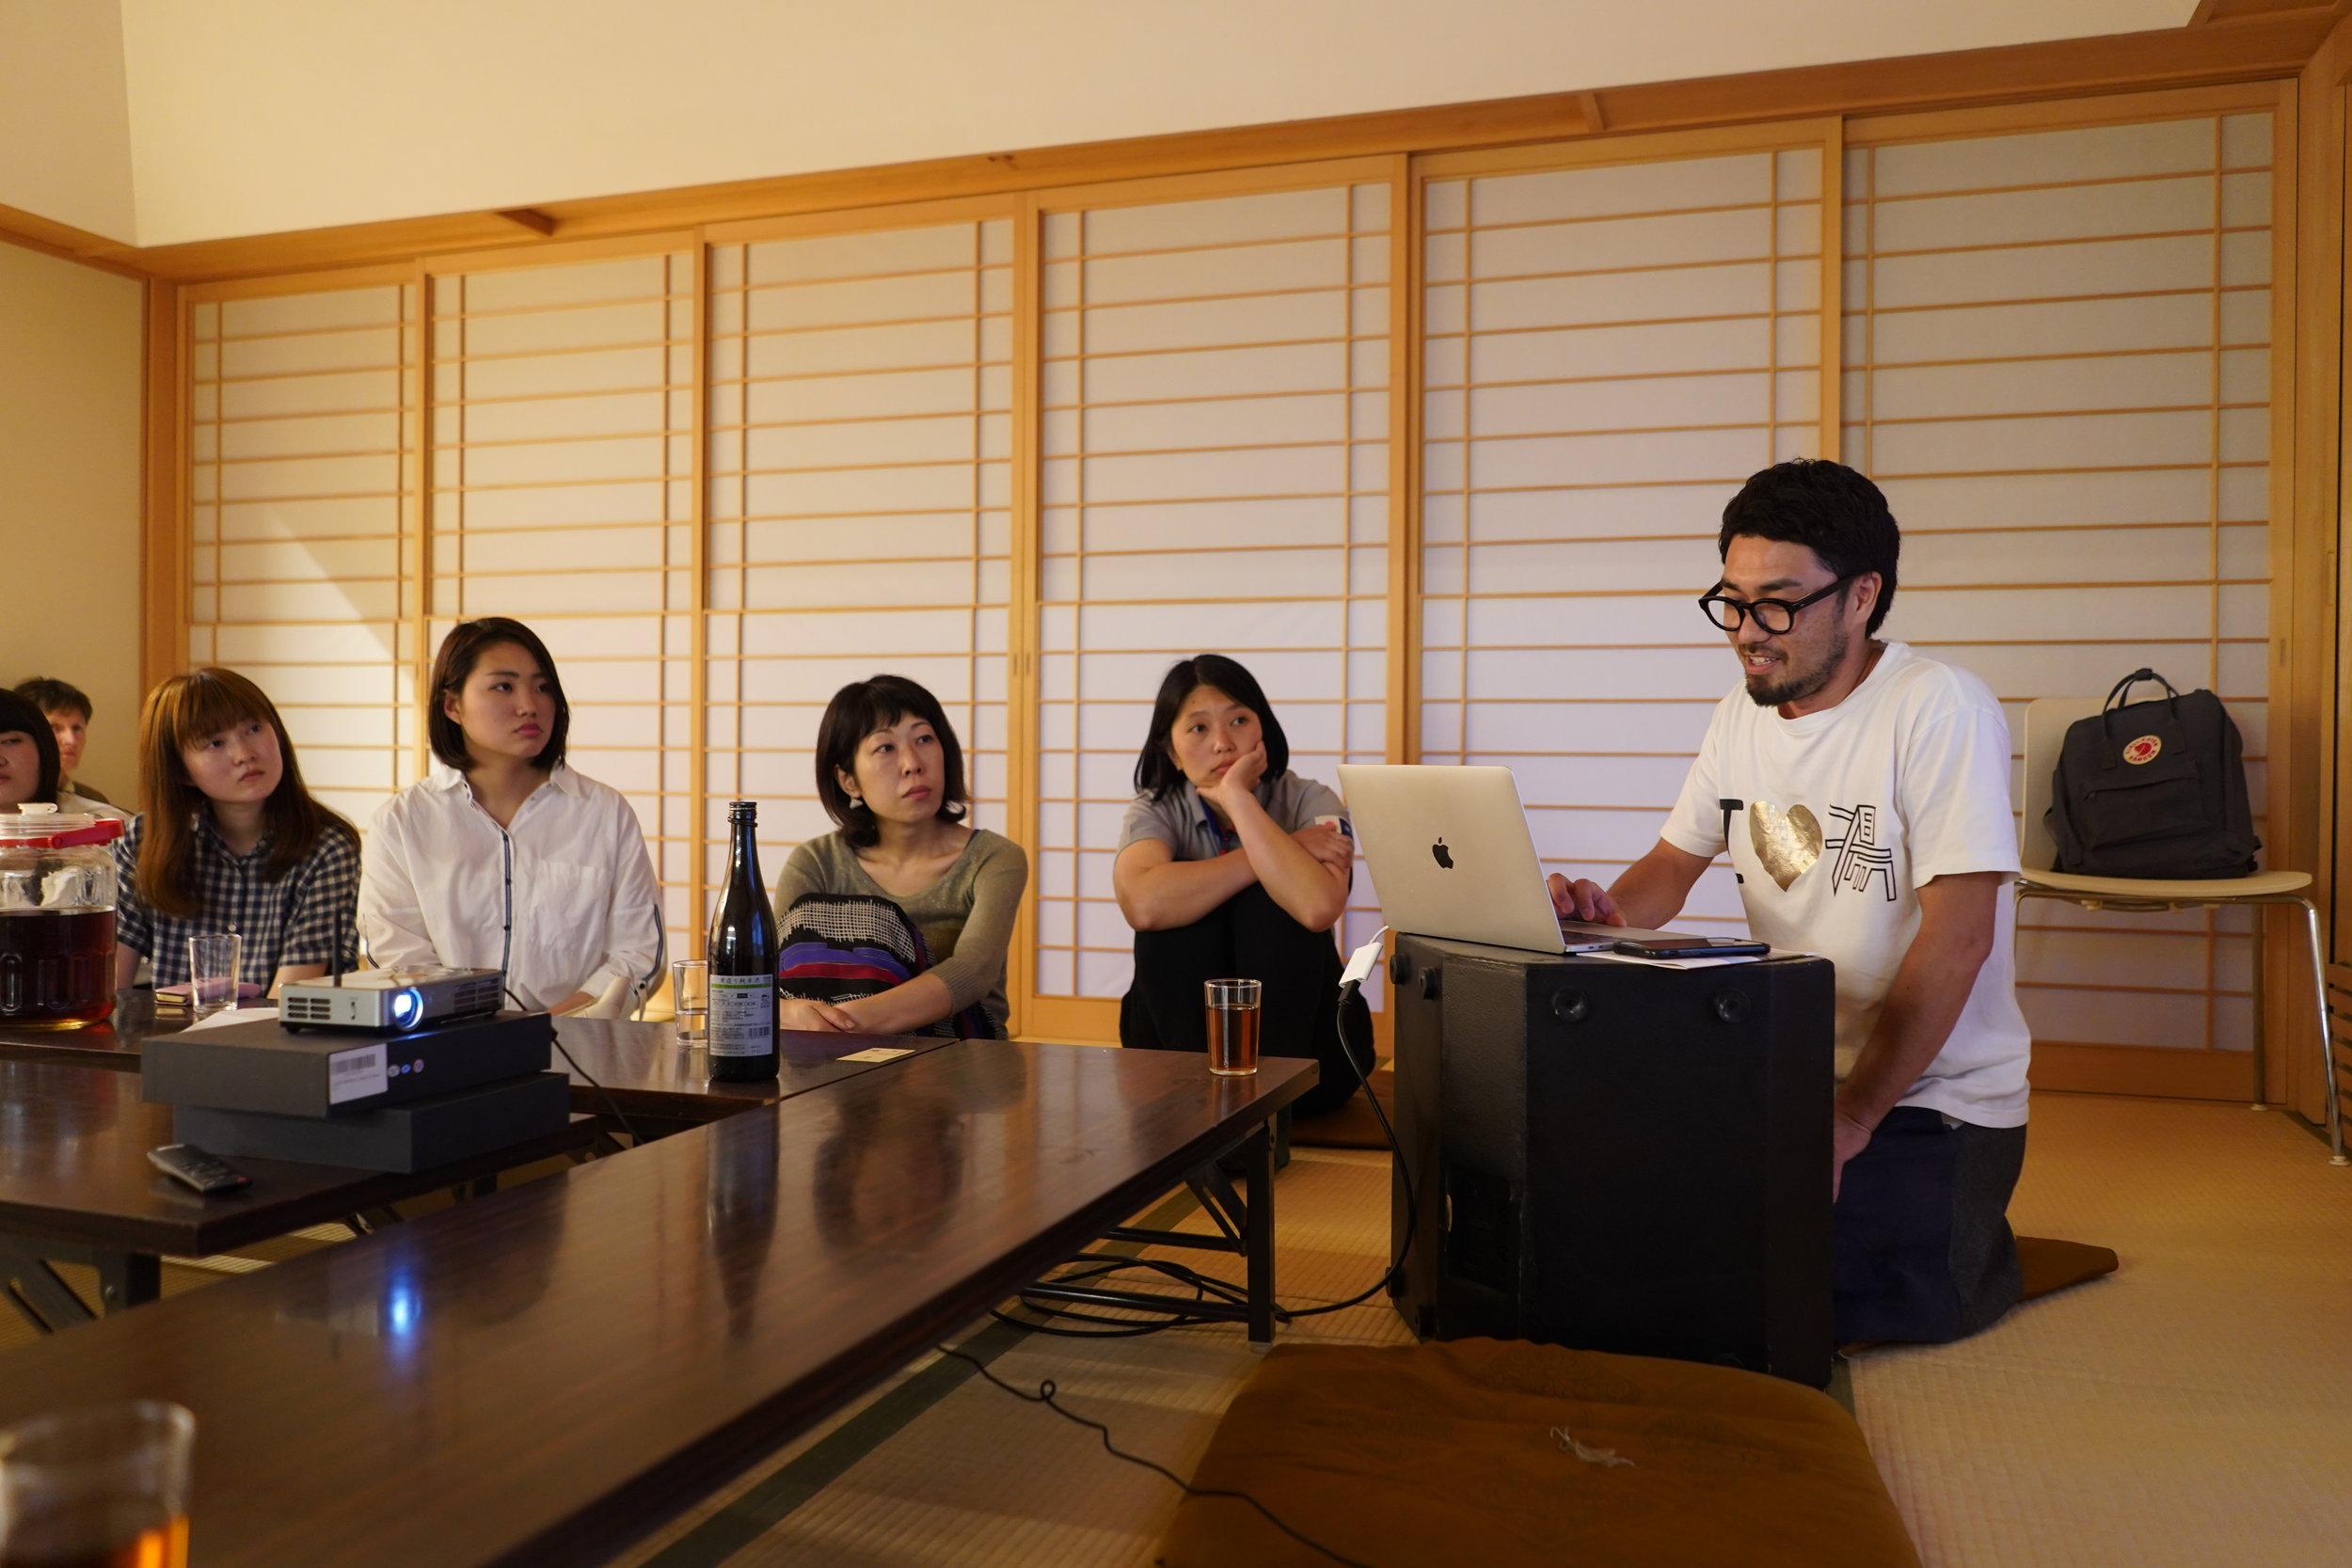 夕食後、直島に移住した方から直島での経験についてお話を聞きました。 After dinner, local in-migrants described their experiences on Naoshima.